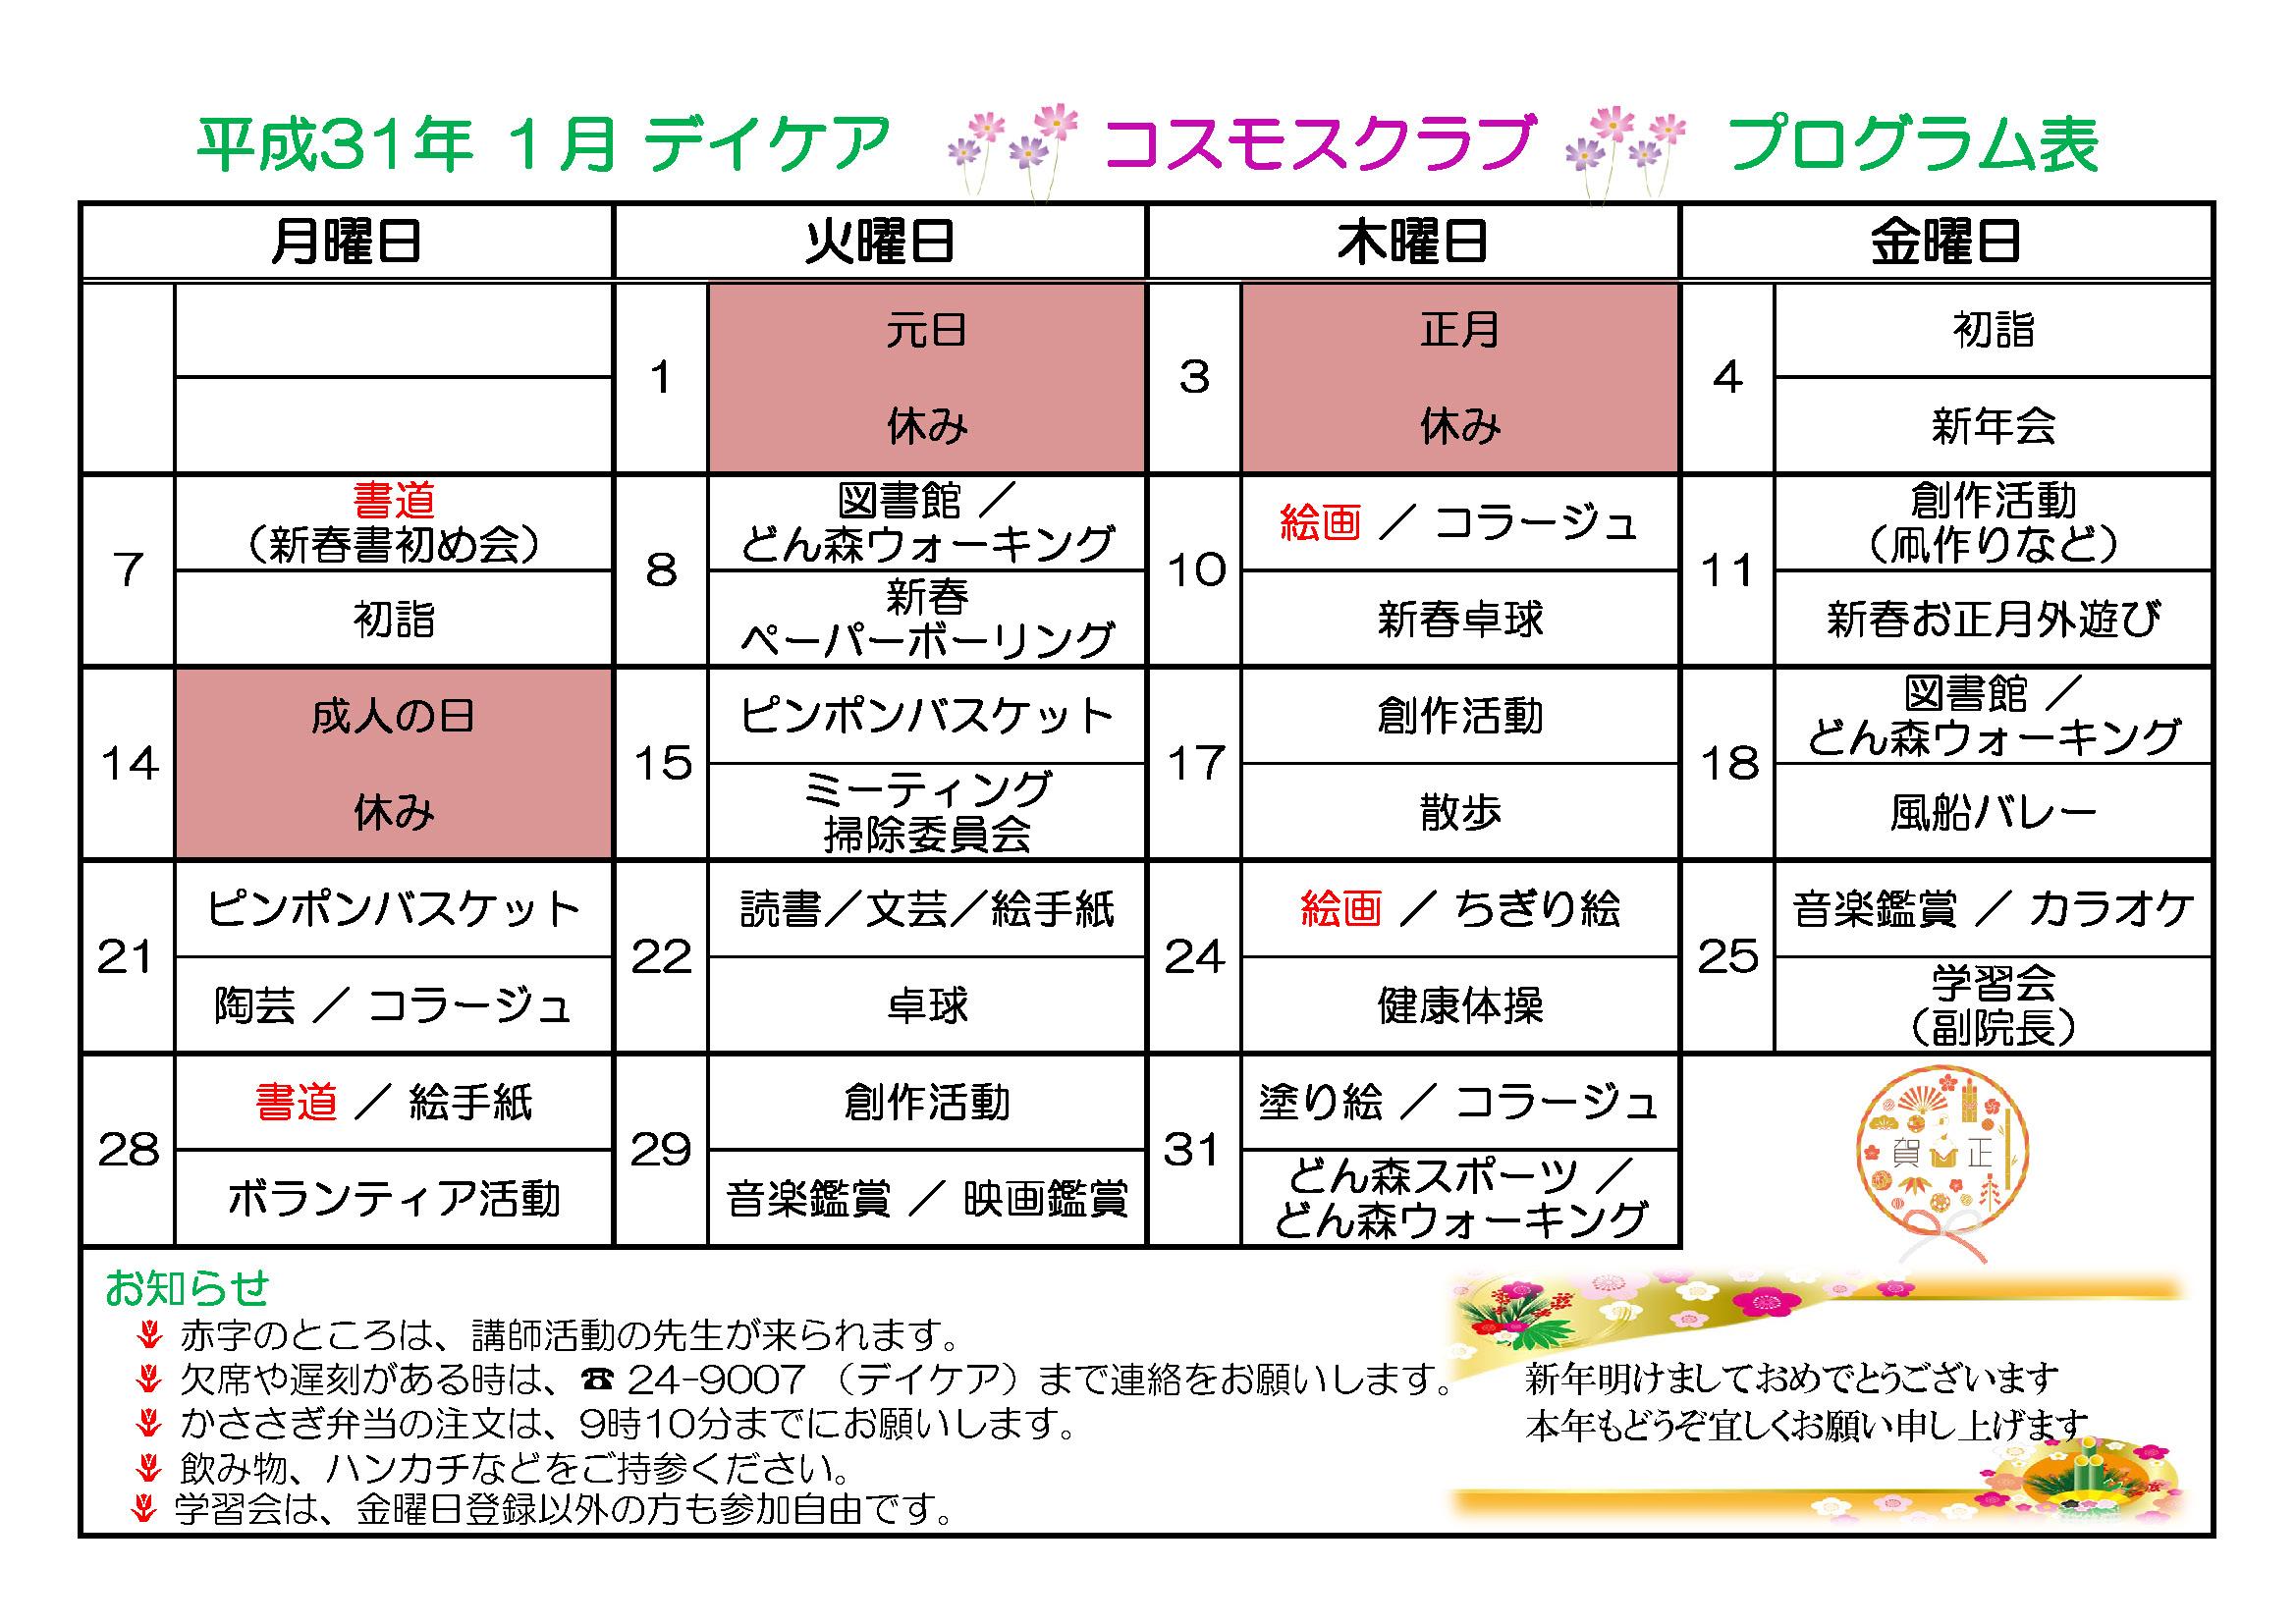 2019年1月プログラム表